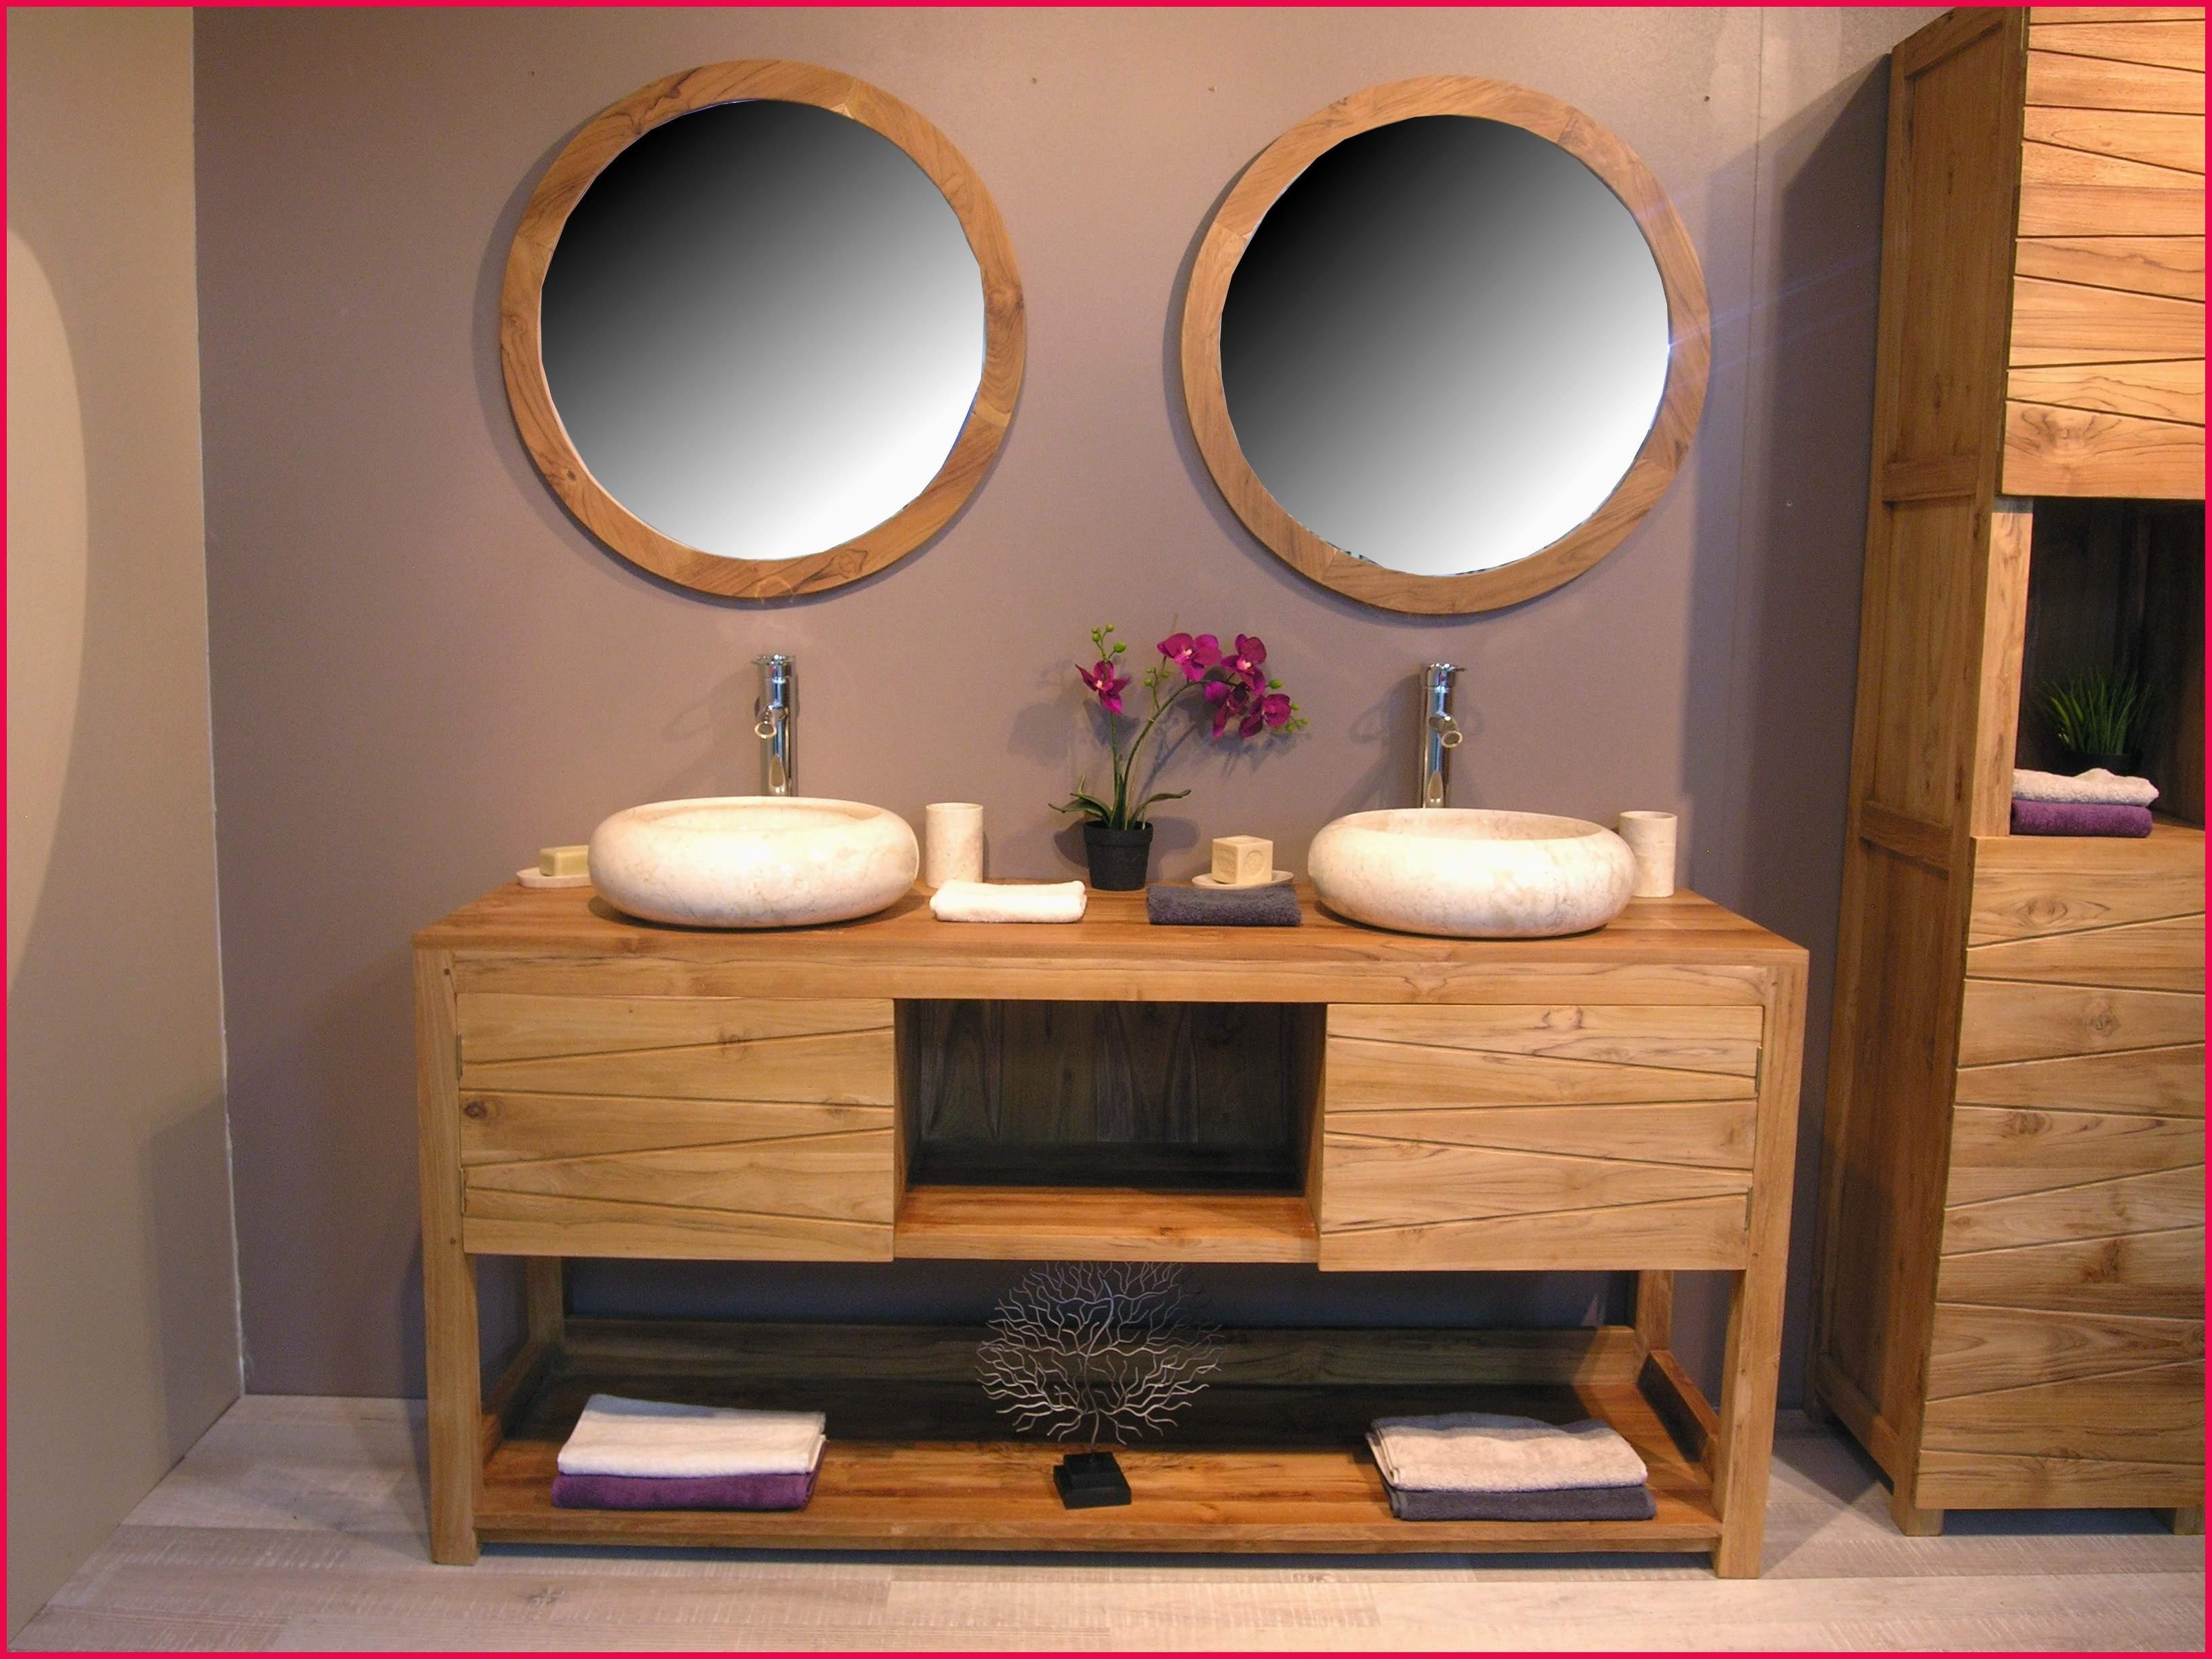 Leroy Merlin Armoire Salle De Bain Inspirant Images Meuble Salle De Bain Et Vasque 29 Pour A Poser Unique C280